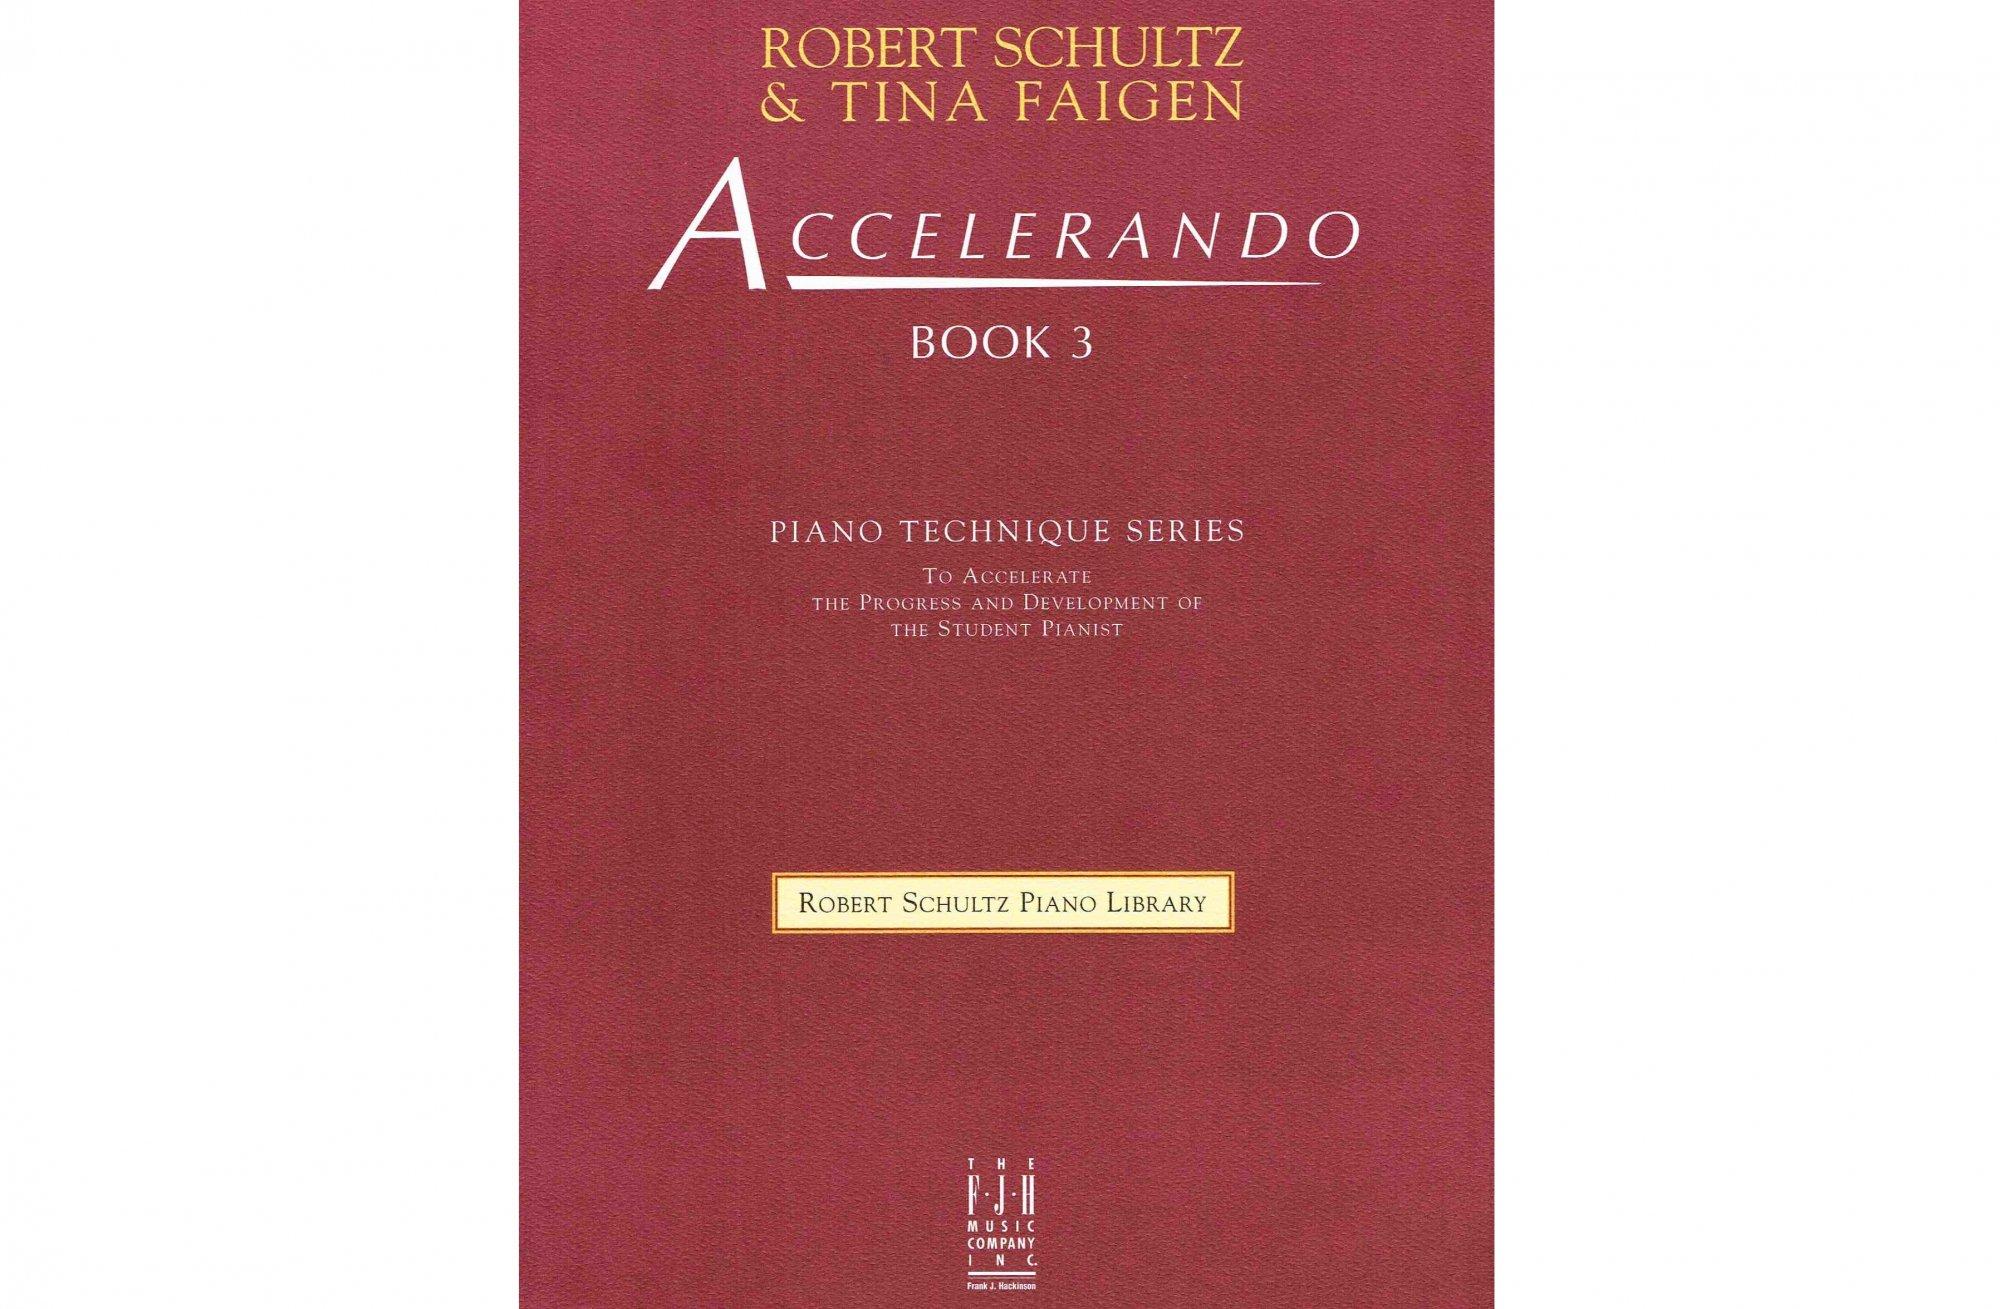 Accelerando Book 3, Piano Technique Series